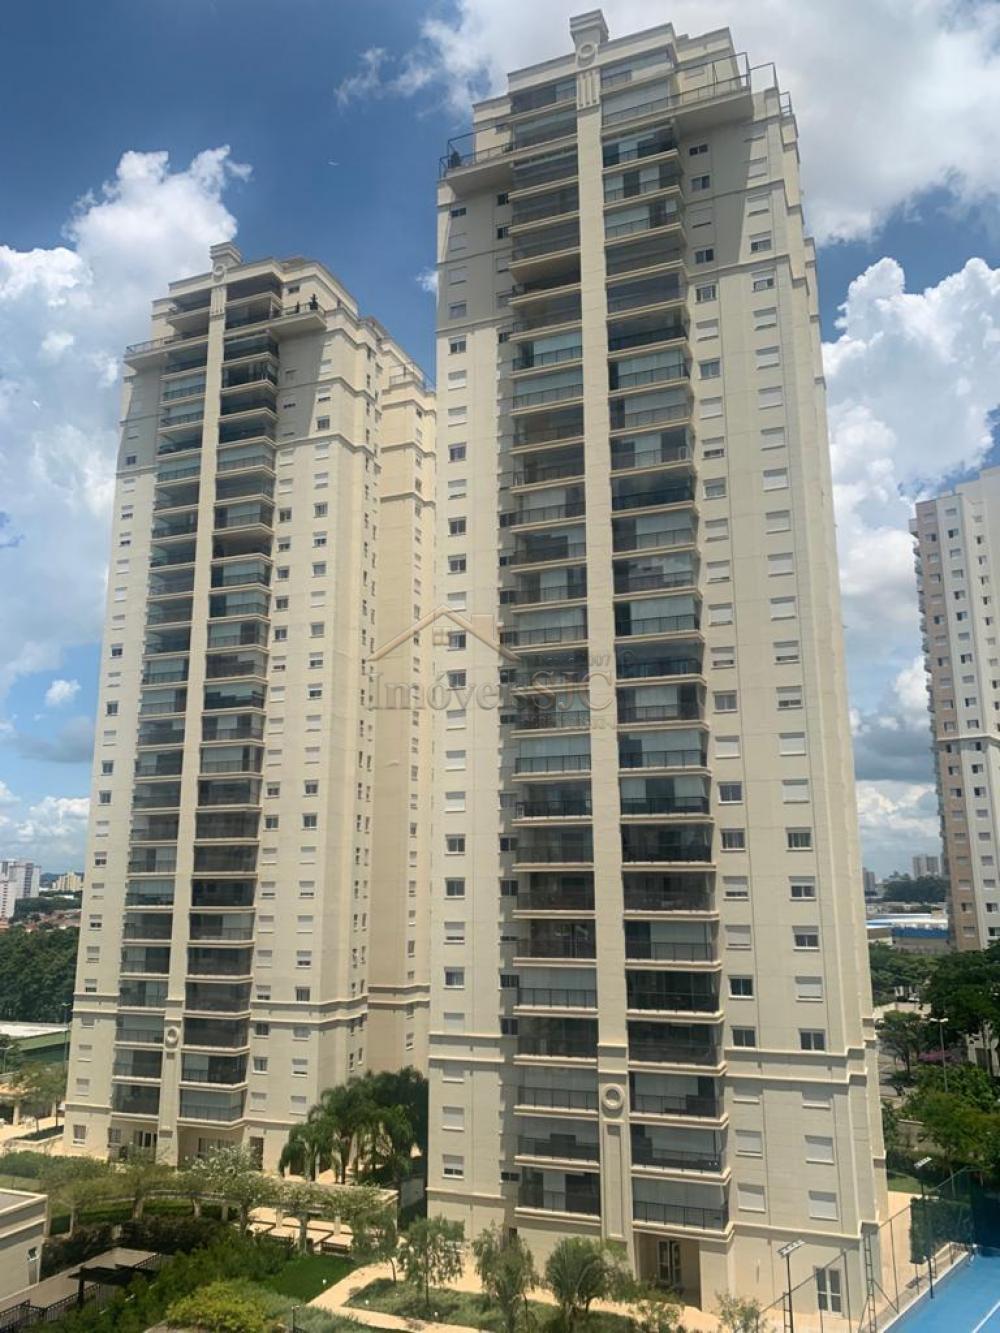 Comprar Apartamentos / Padrão em São José dos Campos apenas R$ 830.000,00 - Foto 1